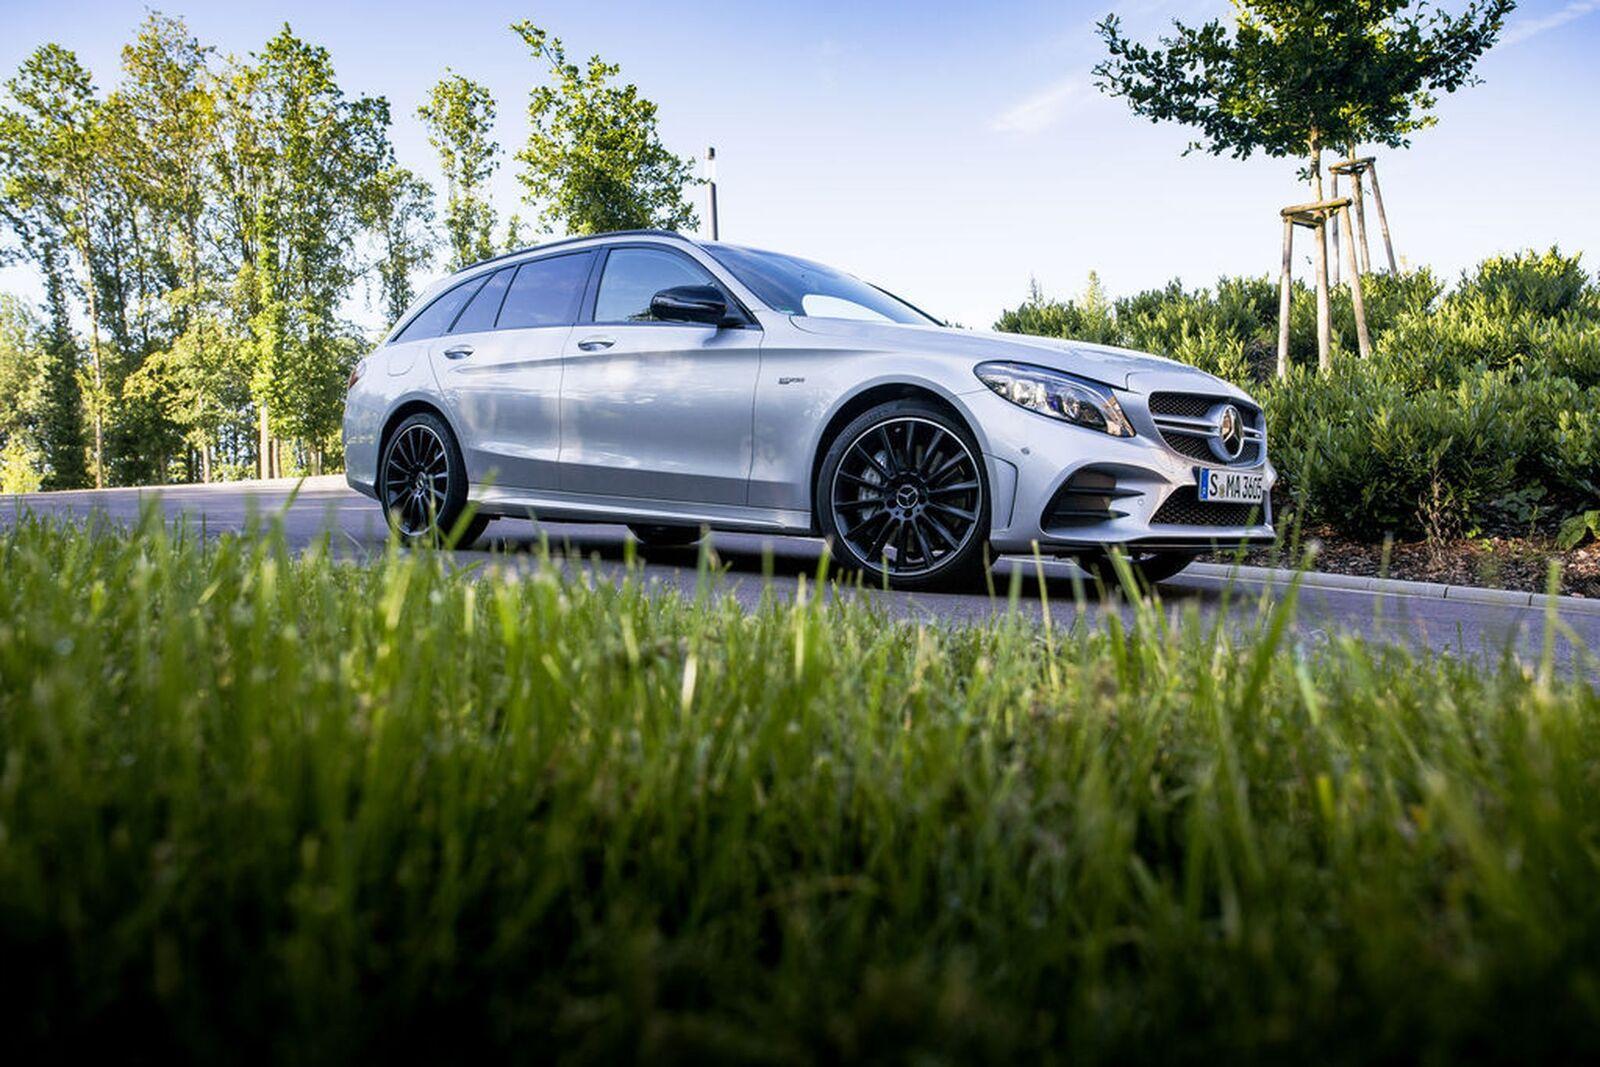 Mercedes-Benz houkuttelee vaihtoautokaupoille – Suomessa käyttöön uusi takuuohjelma